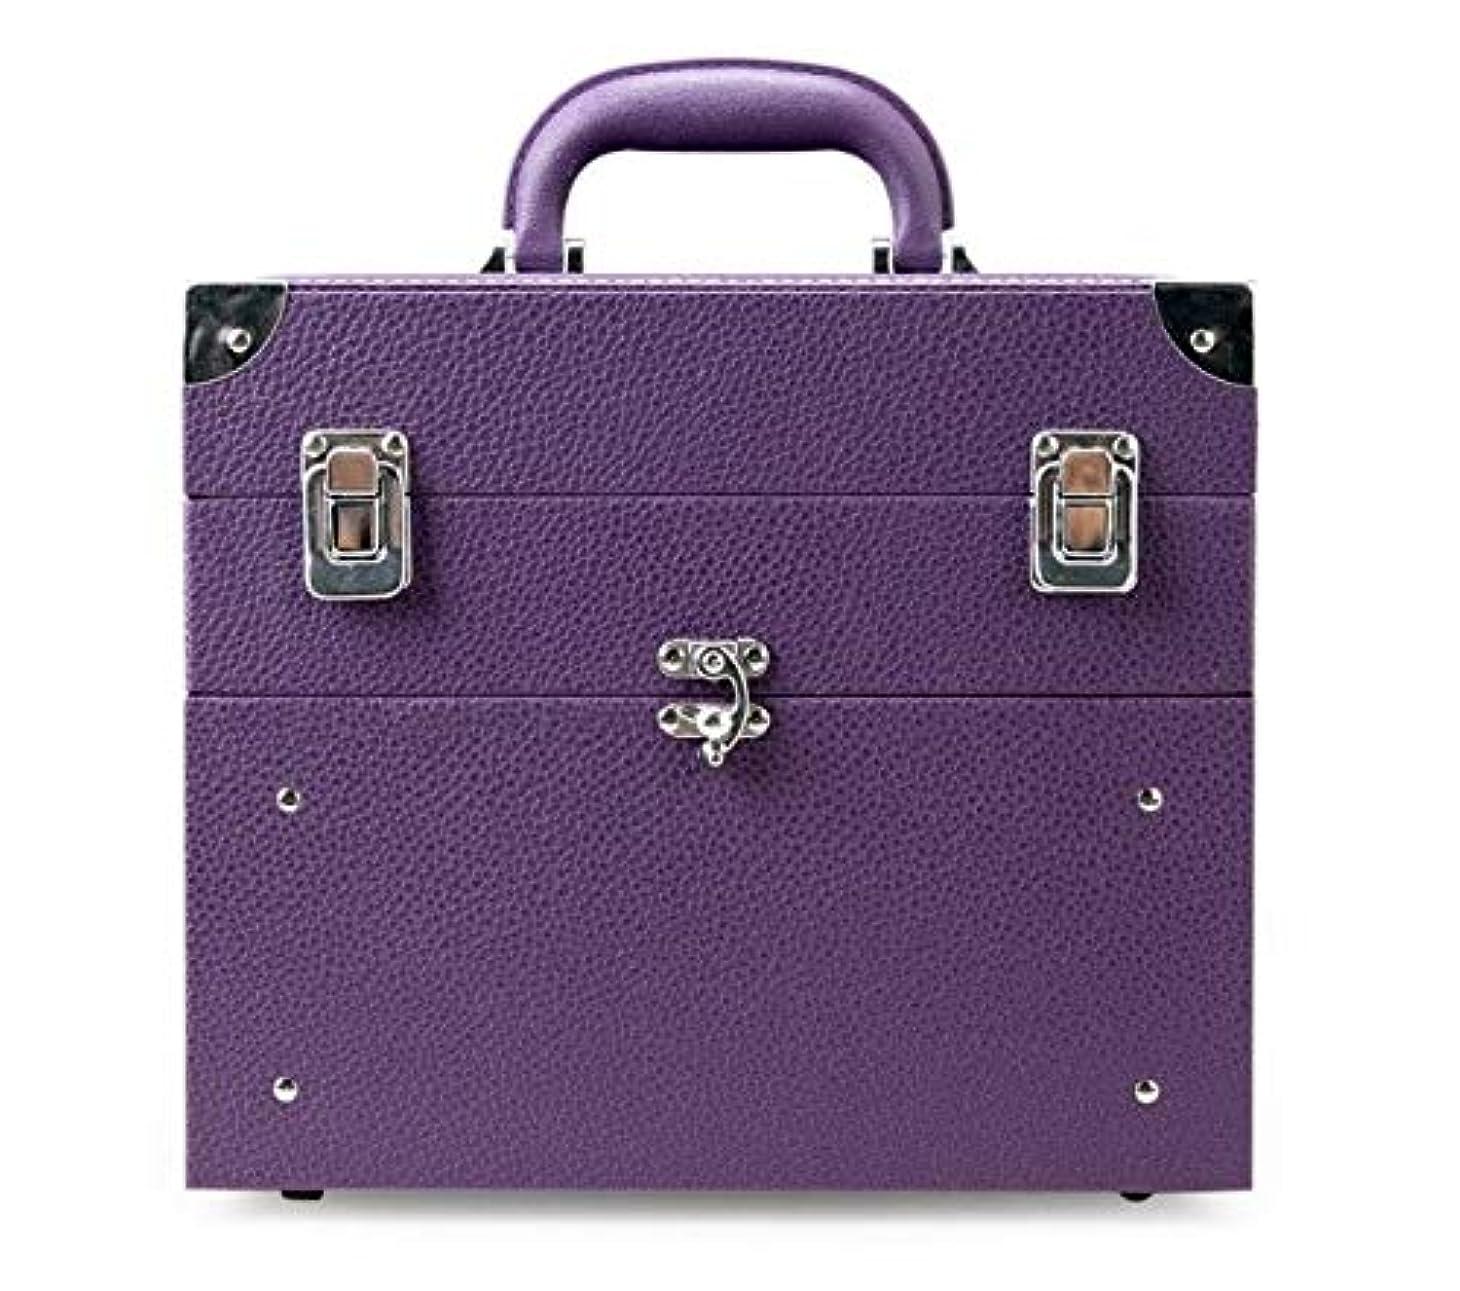 同様にバランスのとれた海里化粧箱、大容量の二重層の携帯用化粧品の箱、携帯用旅行化粧品袋の収納袋、美の構造の釘の宝石類の収納箱 (Color : Purple)